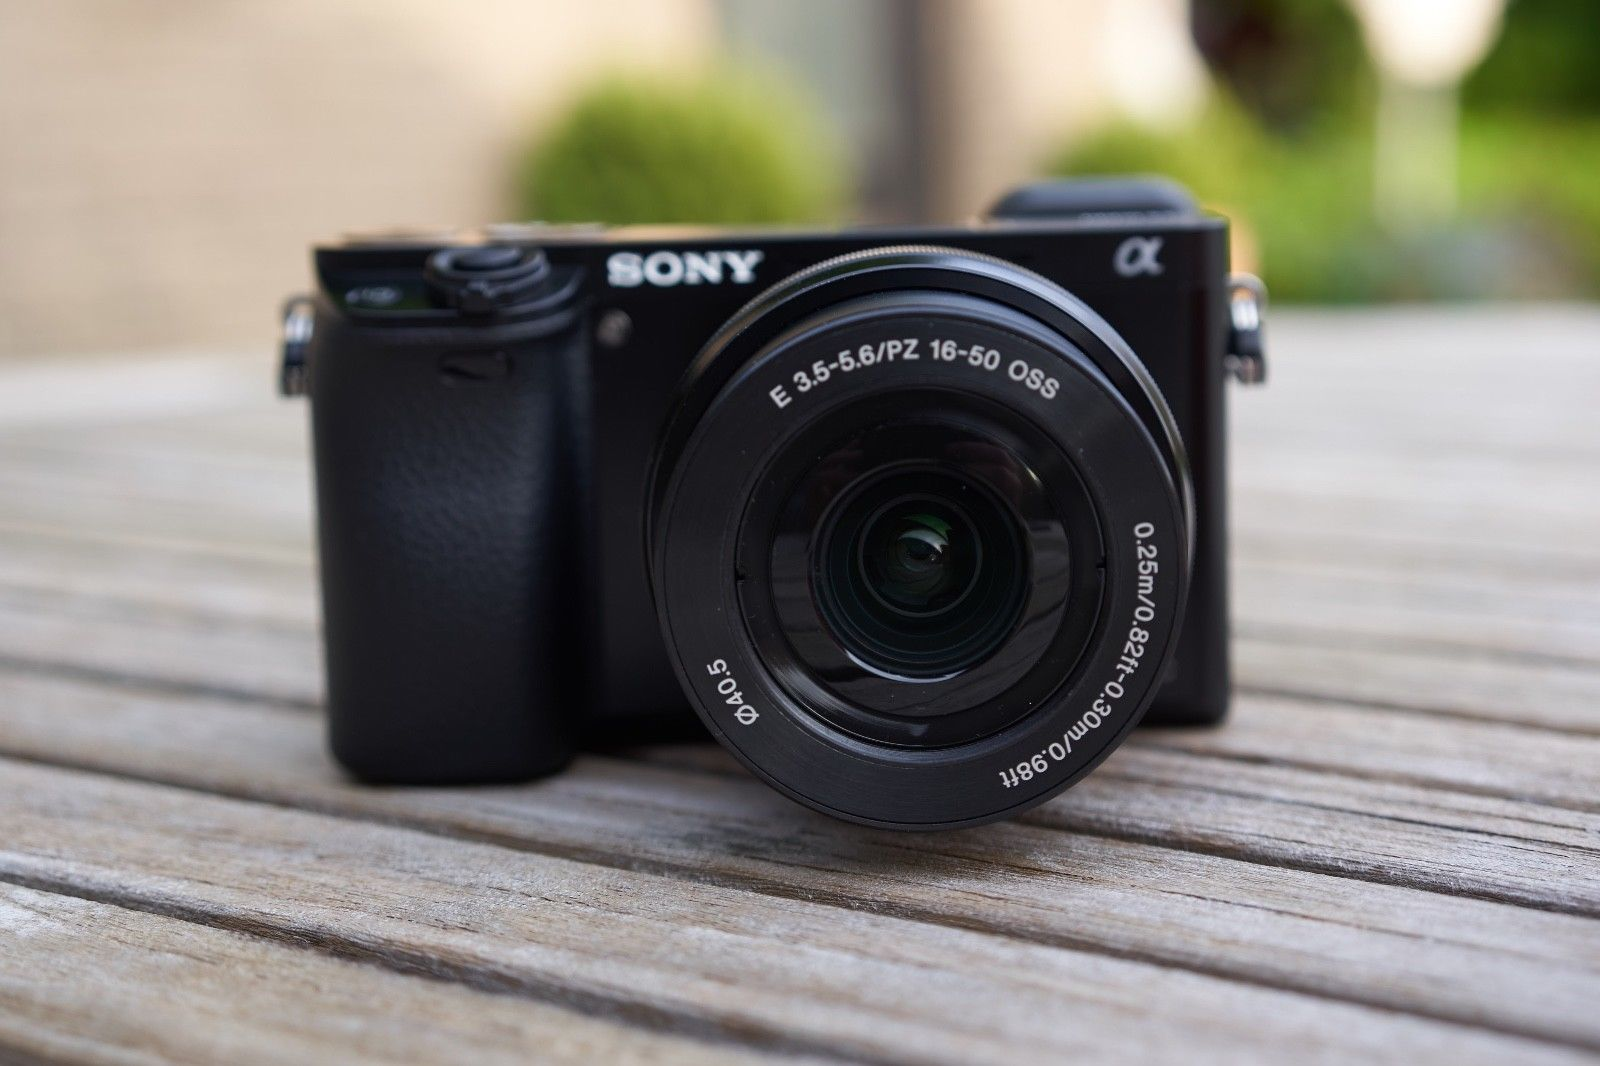 Sony Alpha 6000 ILCE-6000Linkl. SEL-P1650 OSS Objektiv + Zubehörpaket